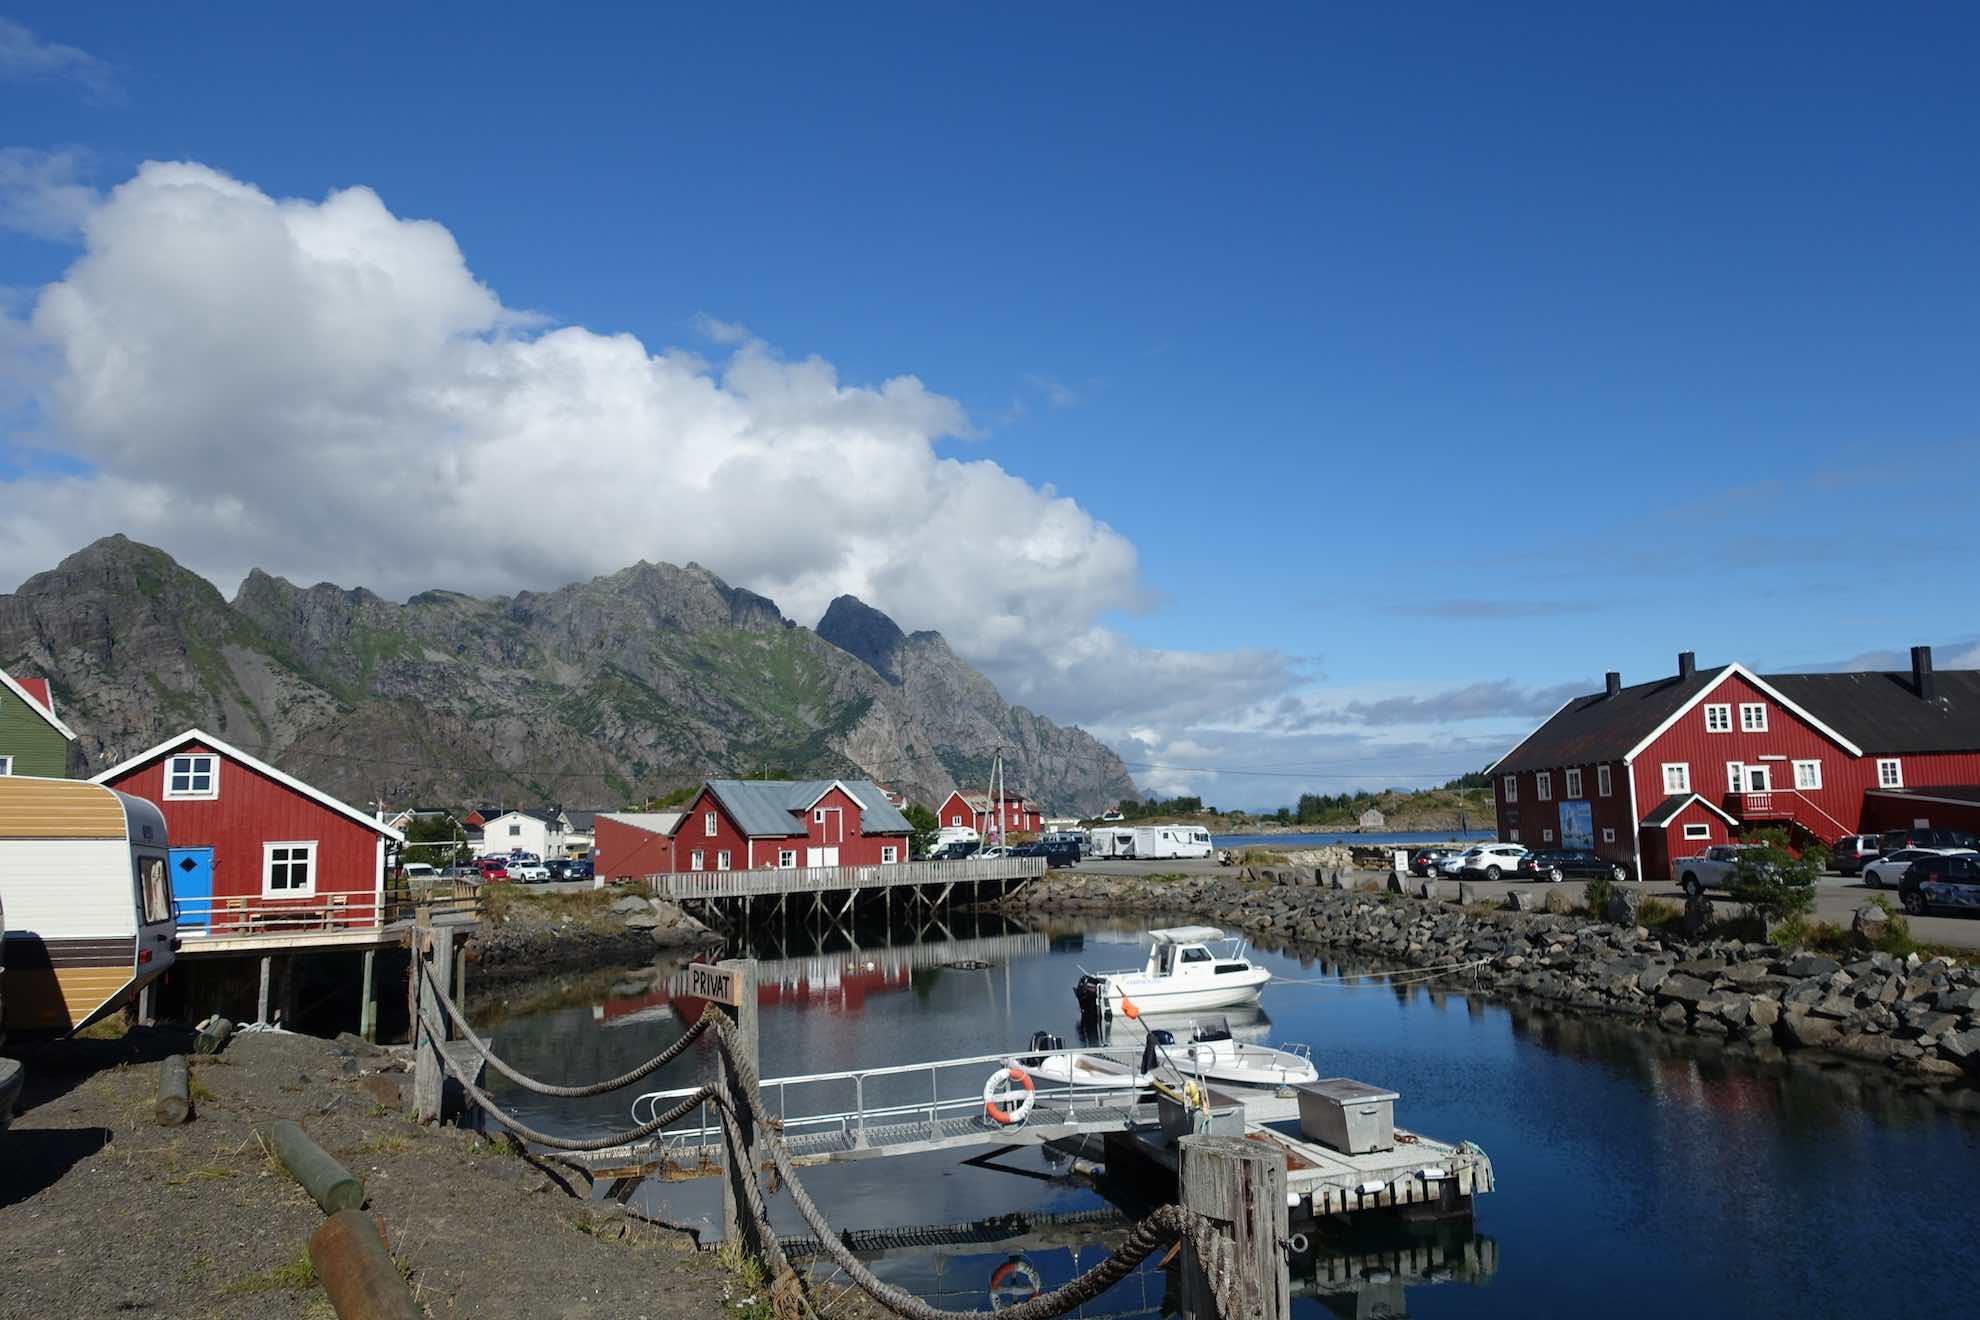 Henningsvær ist ein hübsches Fischerdorf, in dem man es auch länger aushalten kann. Wir geben uns mit einem Tag zum Erkunden zufrieden.